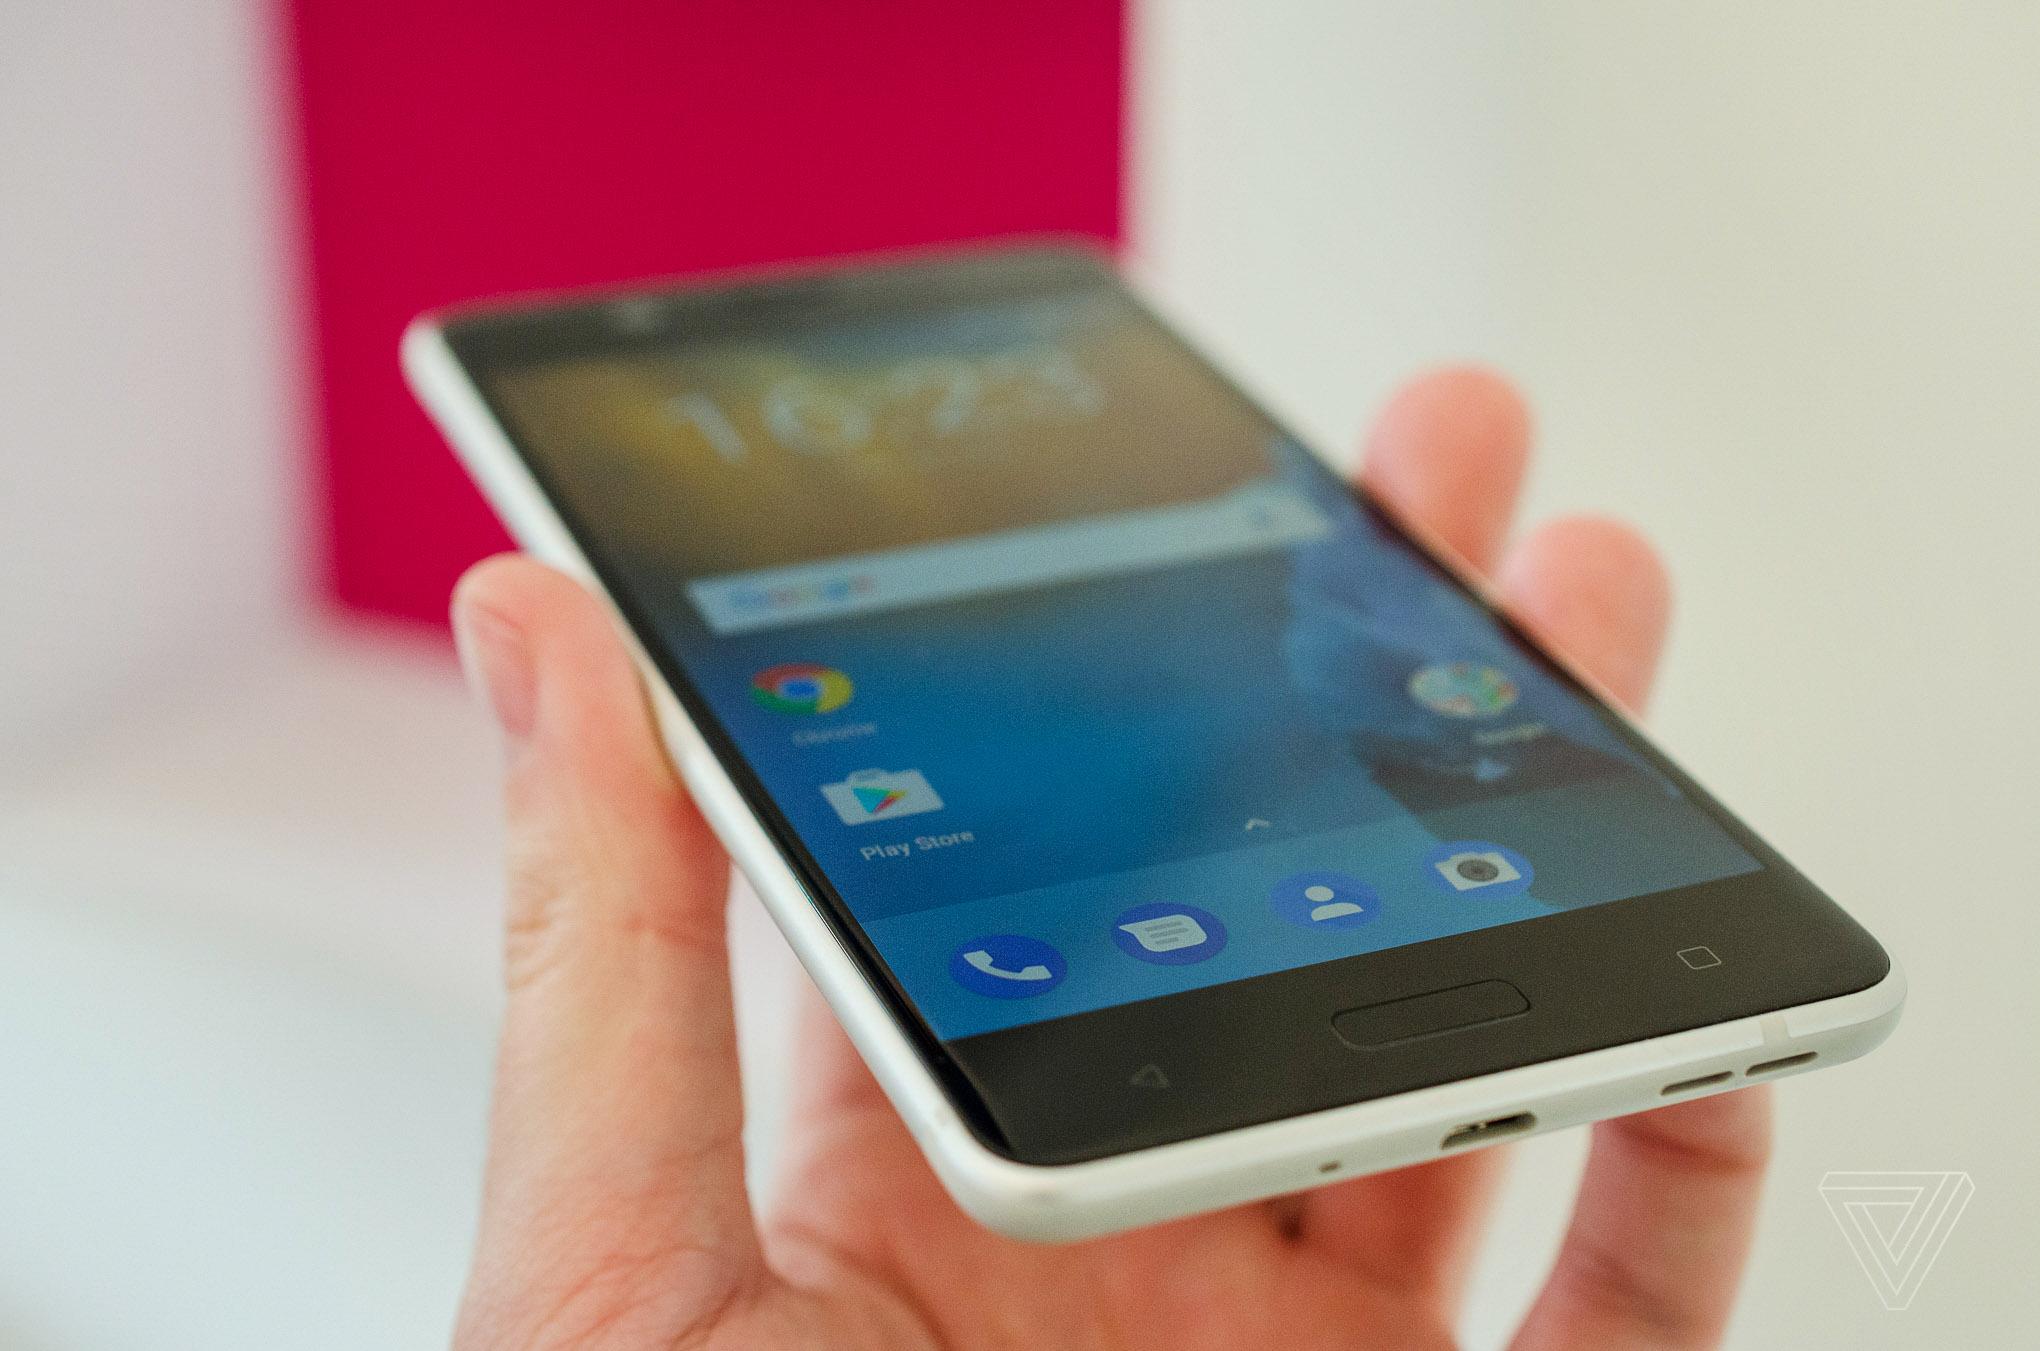 twarren 170224 1442 C 0002.0 - HMD ấn định thời điểm lên kệ của Nokia 3, 5, 6 và Nokia 3310